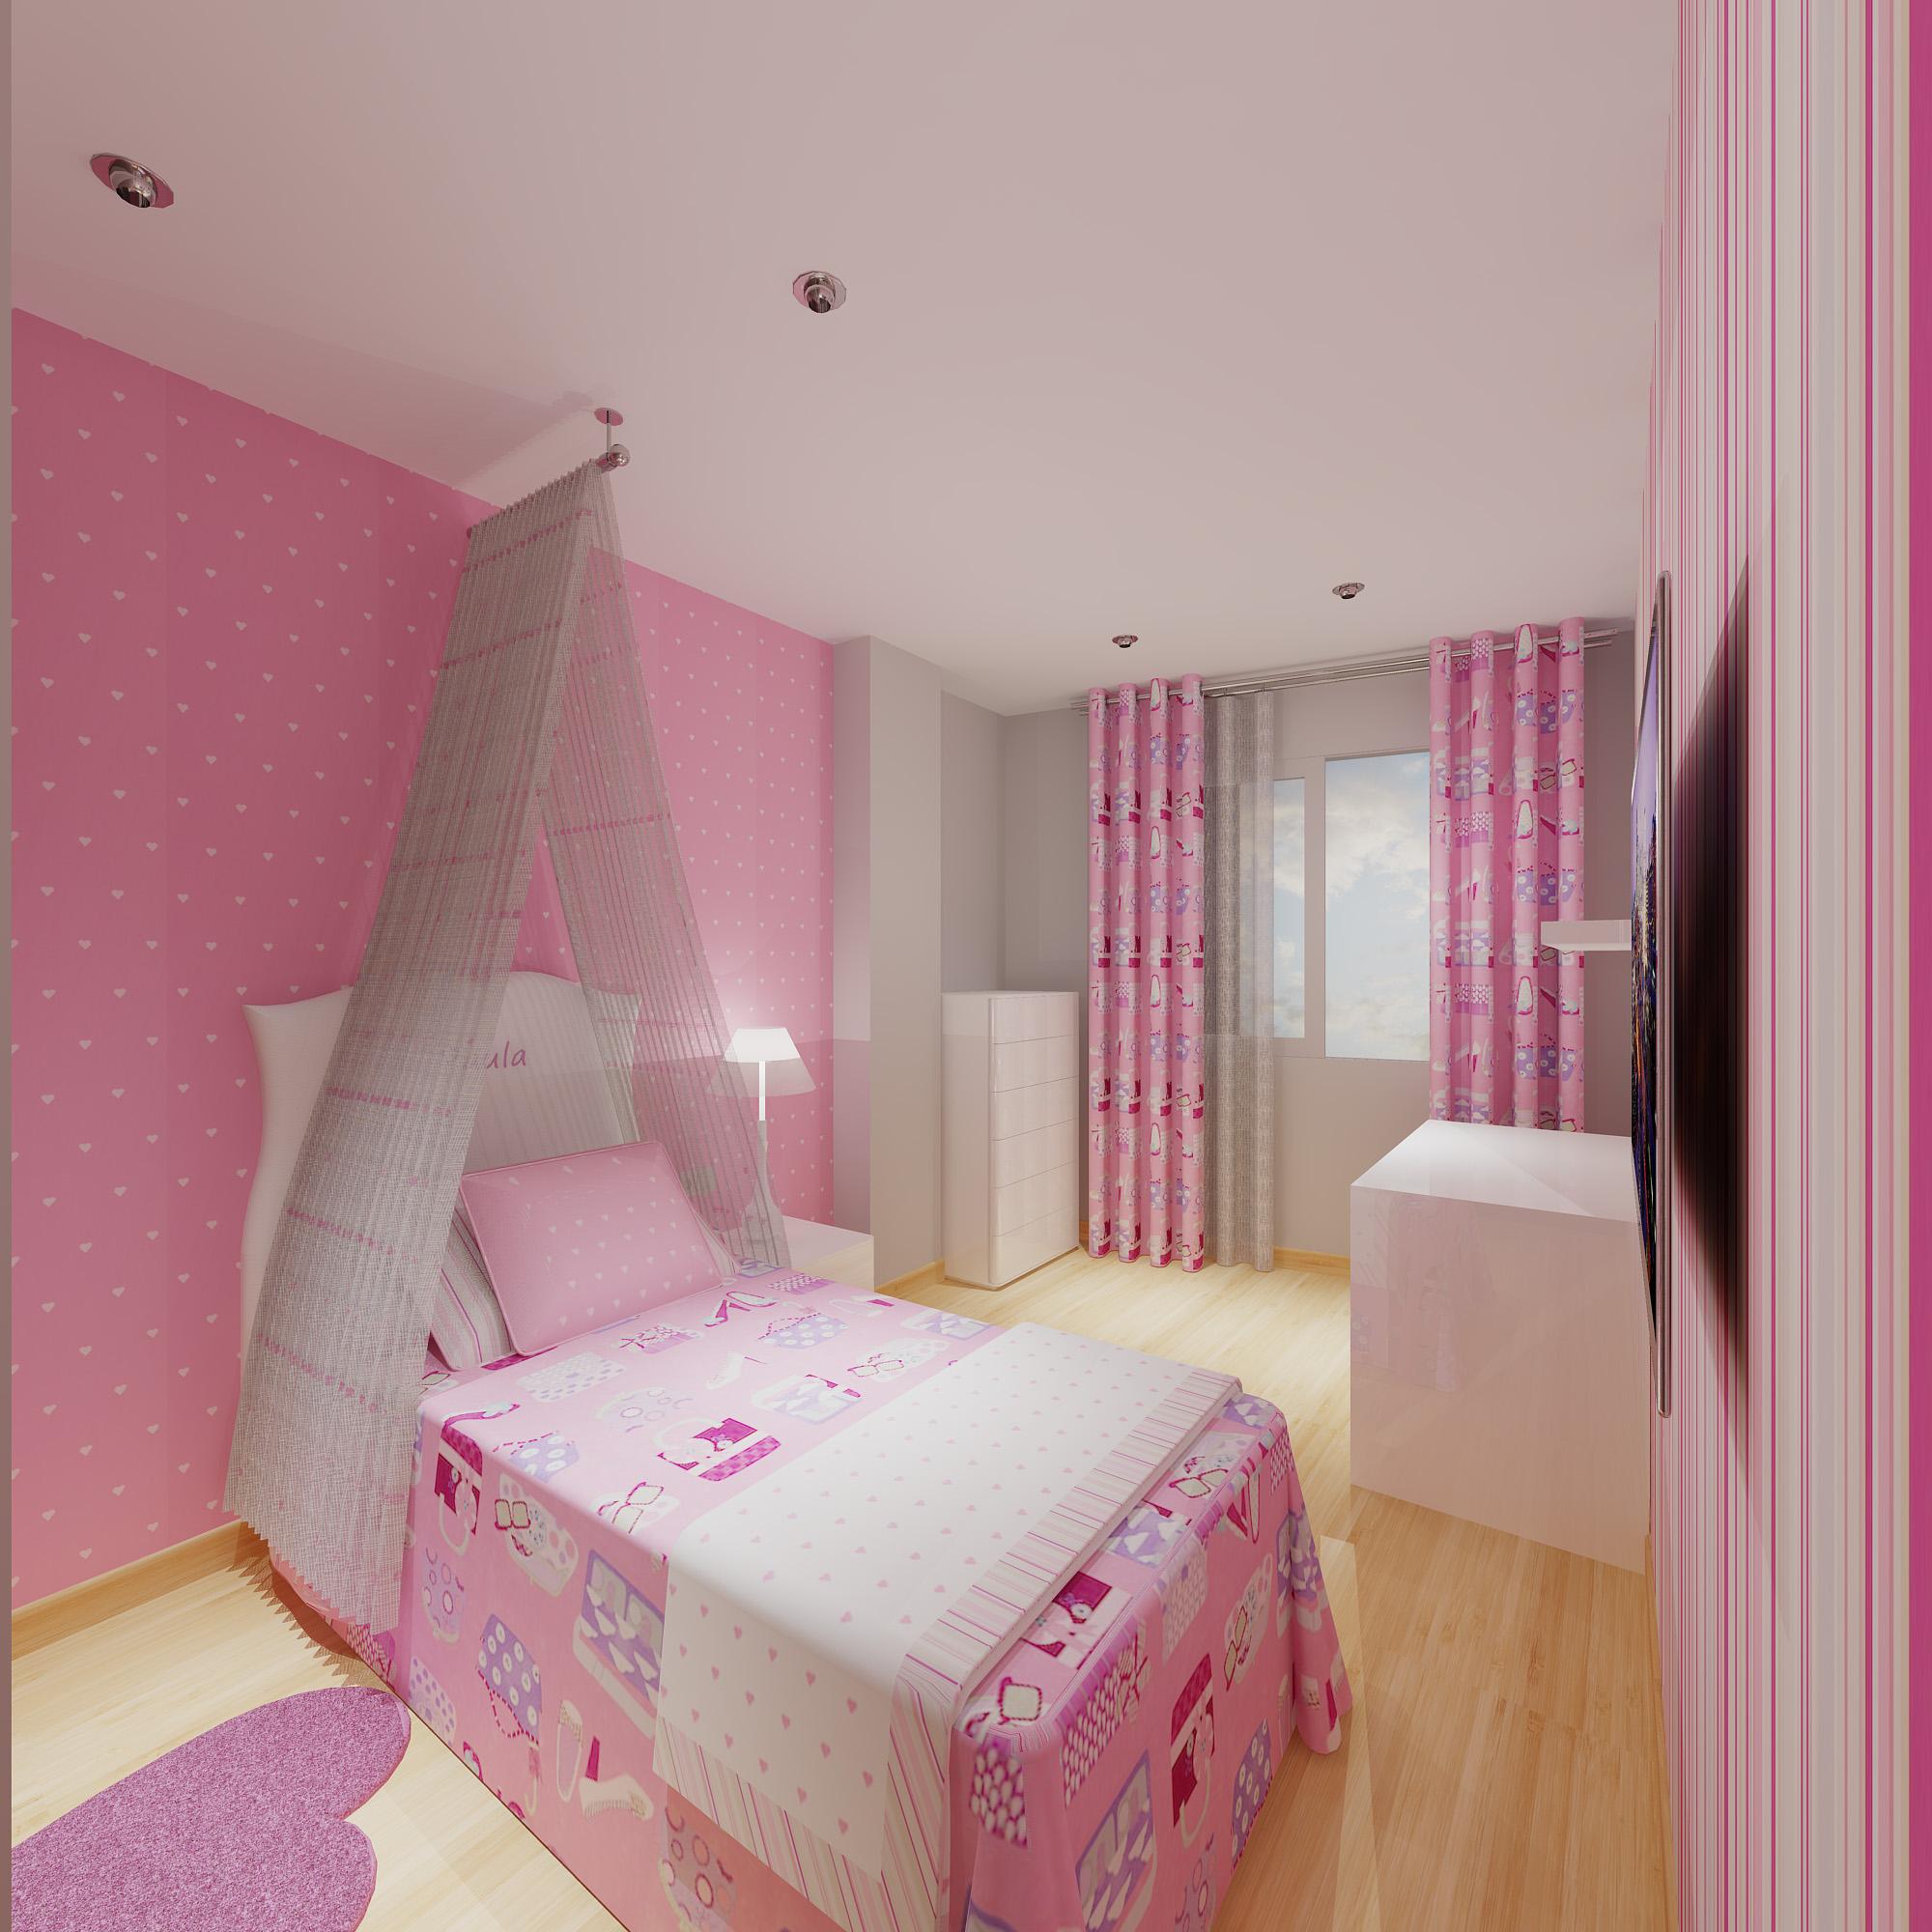 Un proyecto de habitaci n de ni as muy rom ntico - Dosel cama nina ...